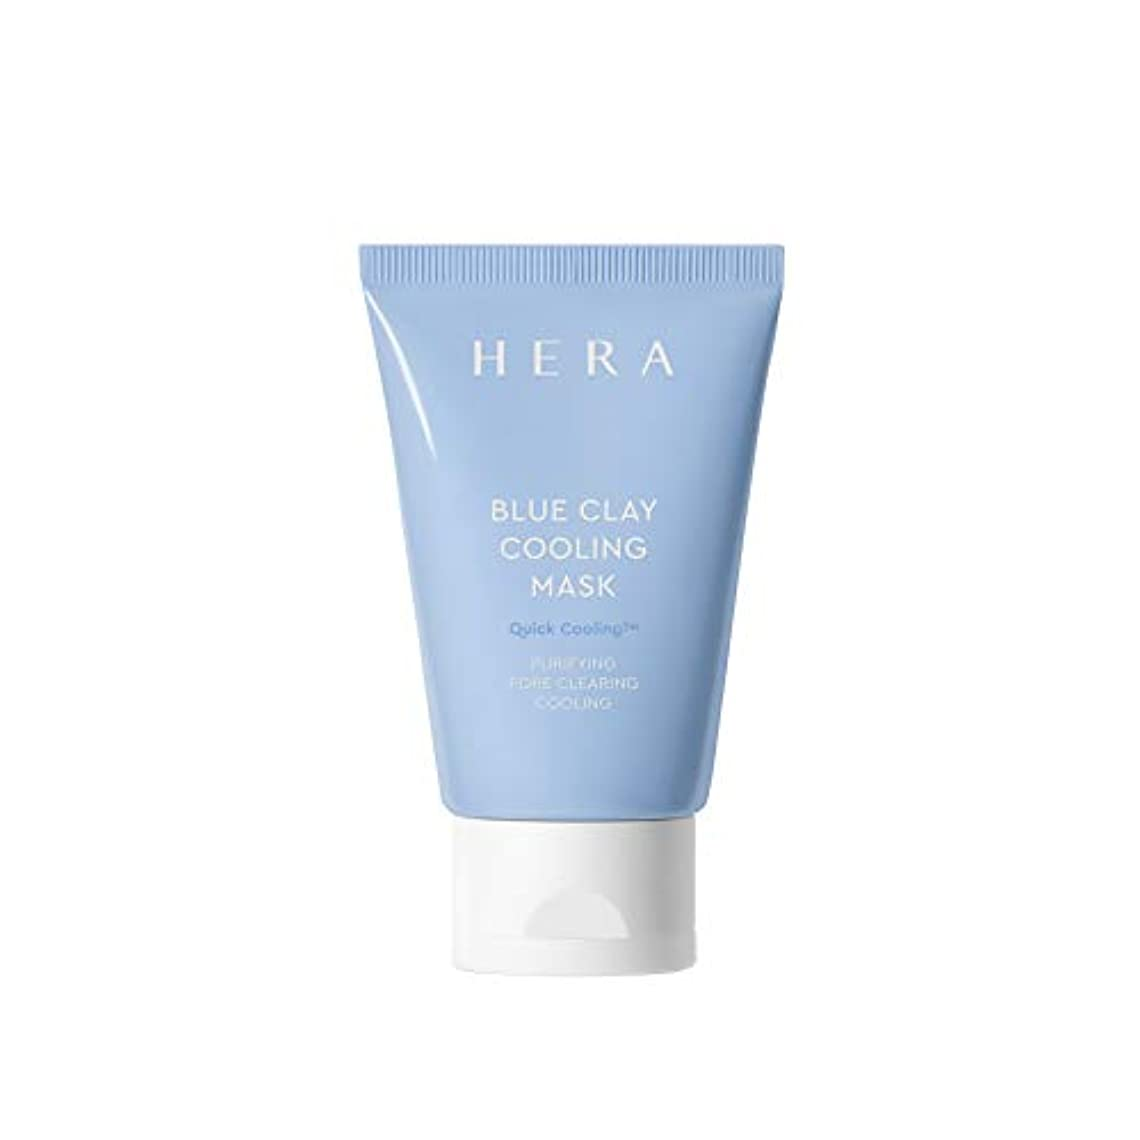 やさしいコーヒー間違っている【HERA公式】ヘラ ブルークレイ クーリング マスク 50mL/HERA Blue Clay Cooling Mask 50mL